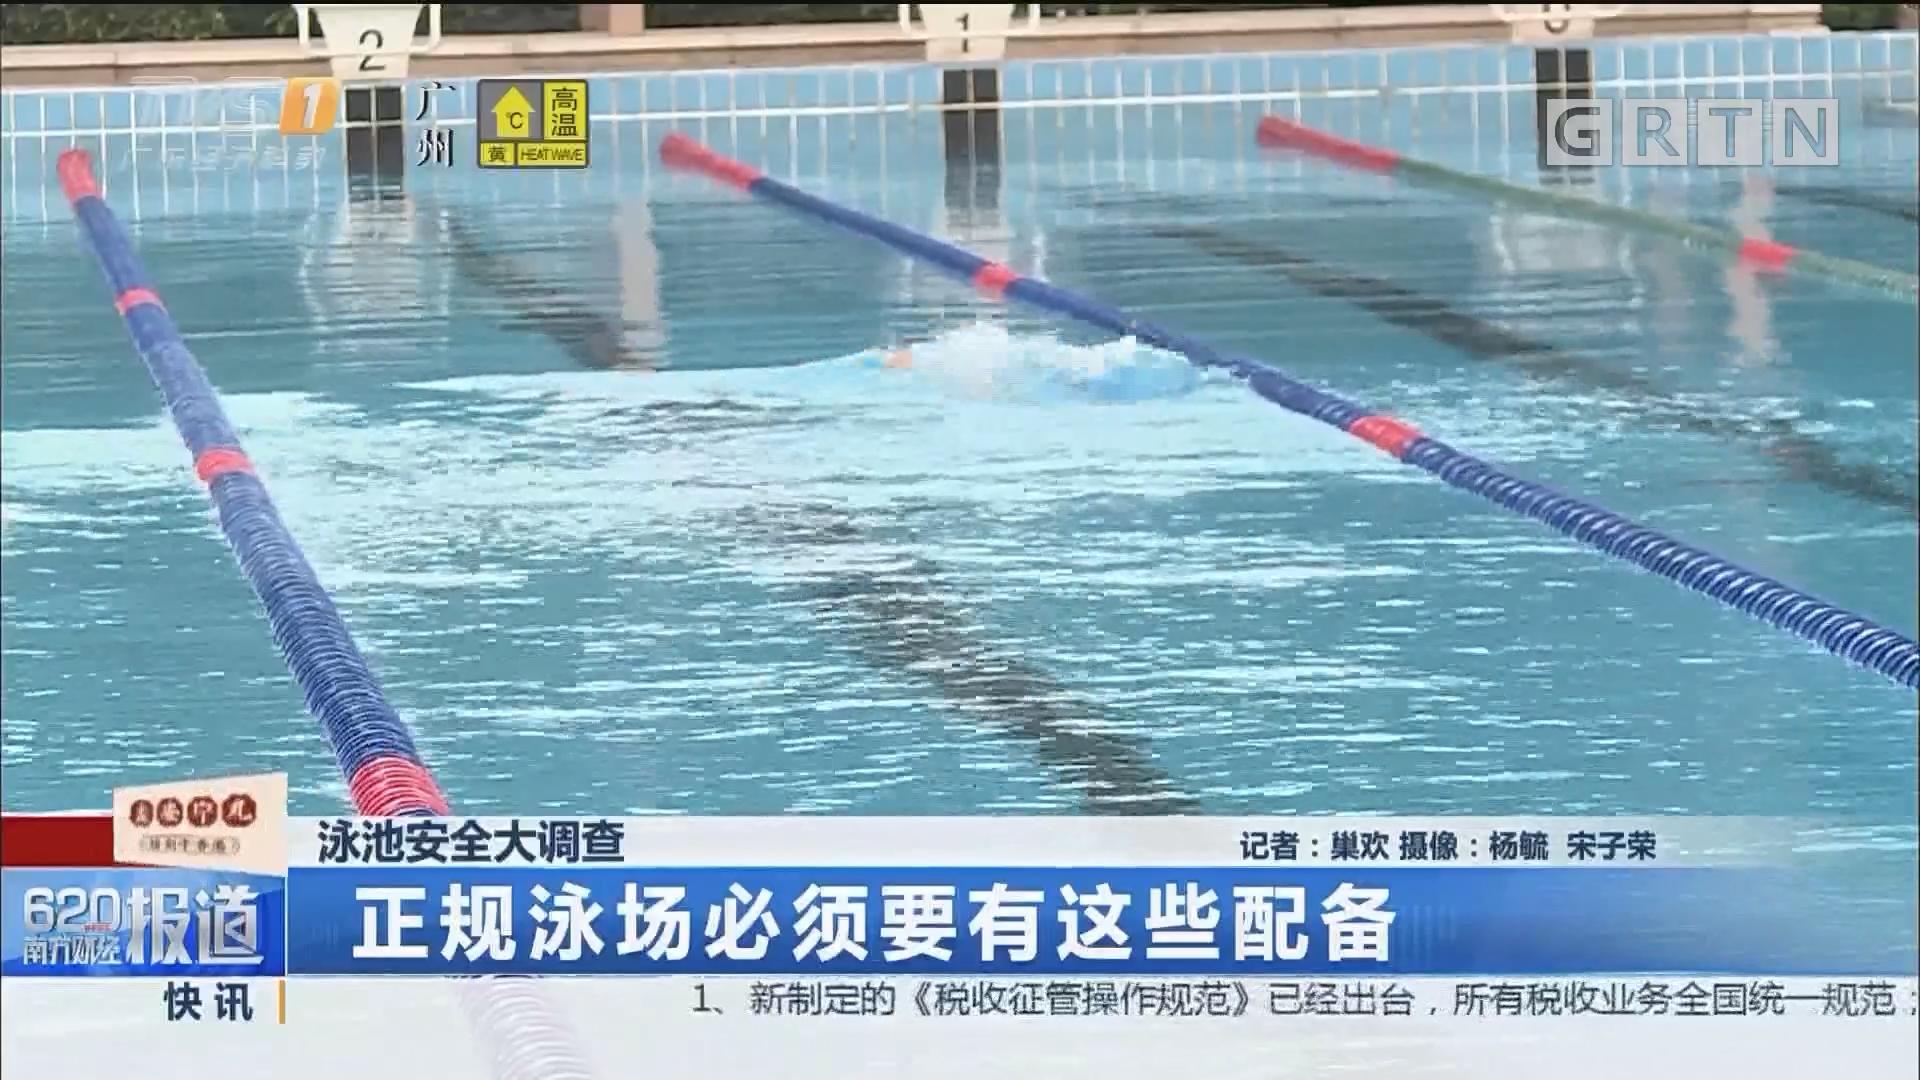 泳池安全大調查:正規泳場必須要有這些配備